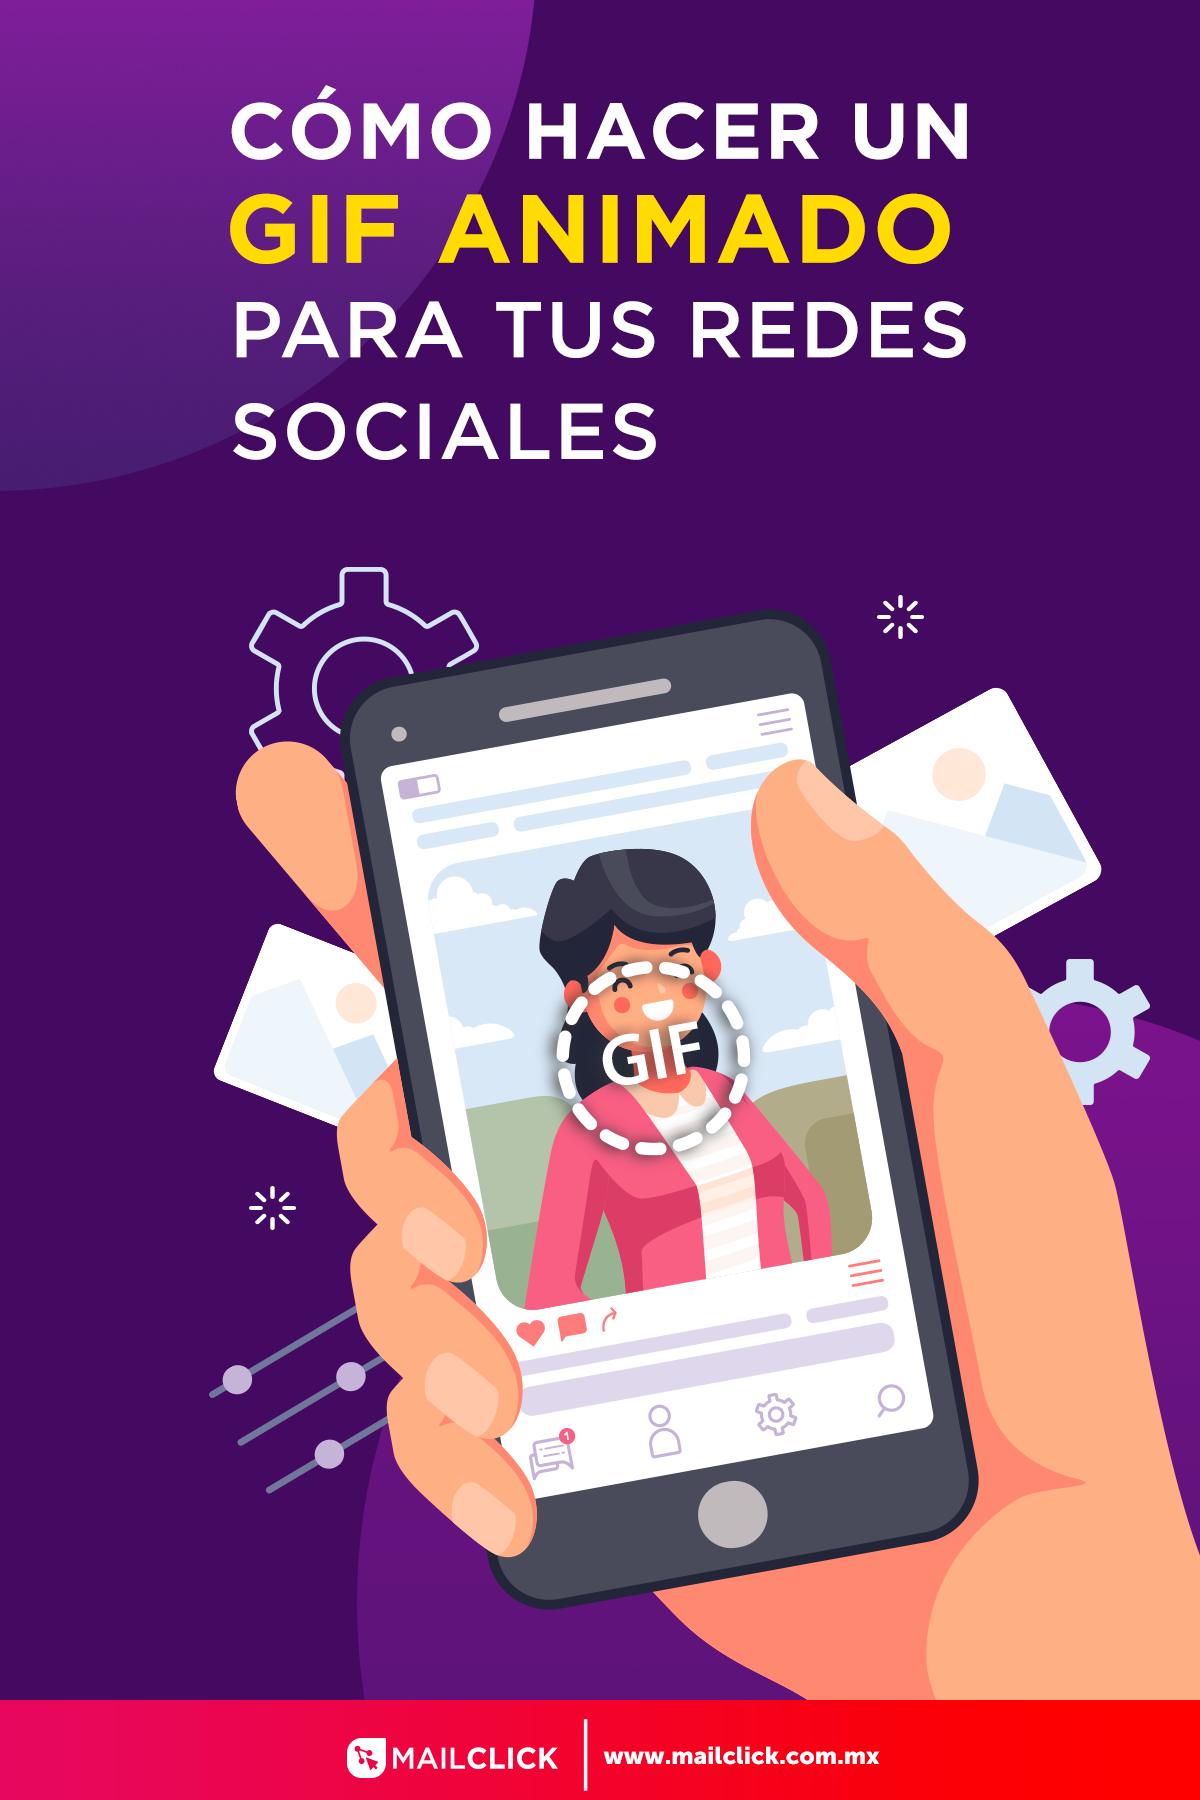 Cómo Hacer Un Gif Animado Para Tus Redes Sociales Libros De Negocios Estrategias De Marketing Redes Sociales